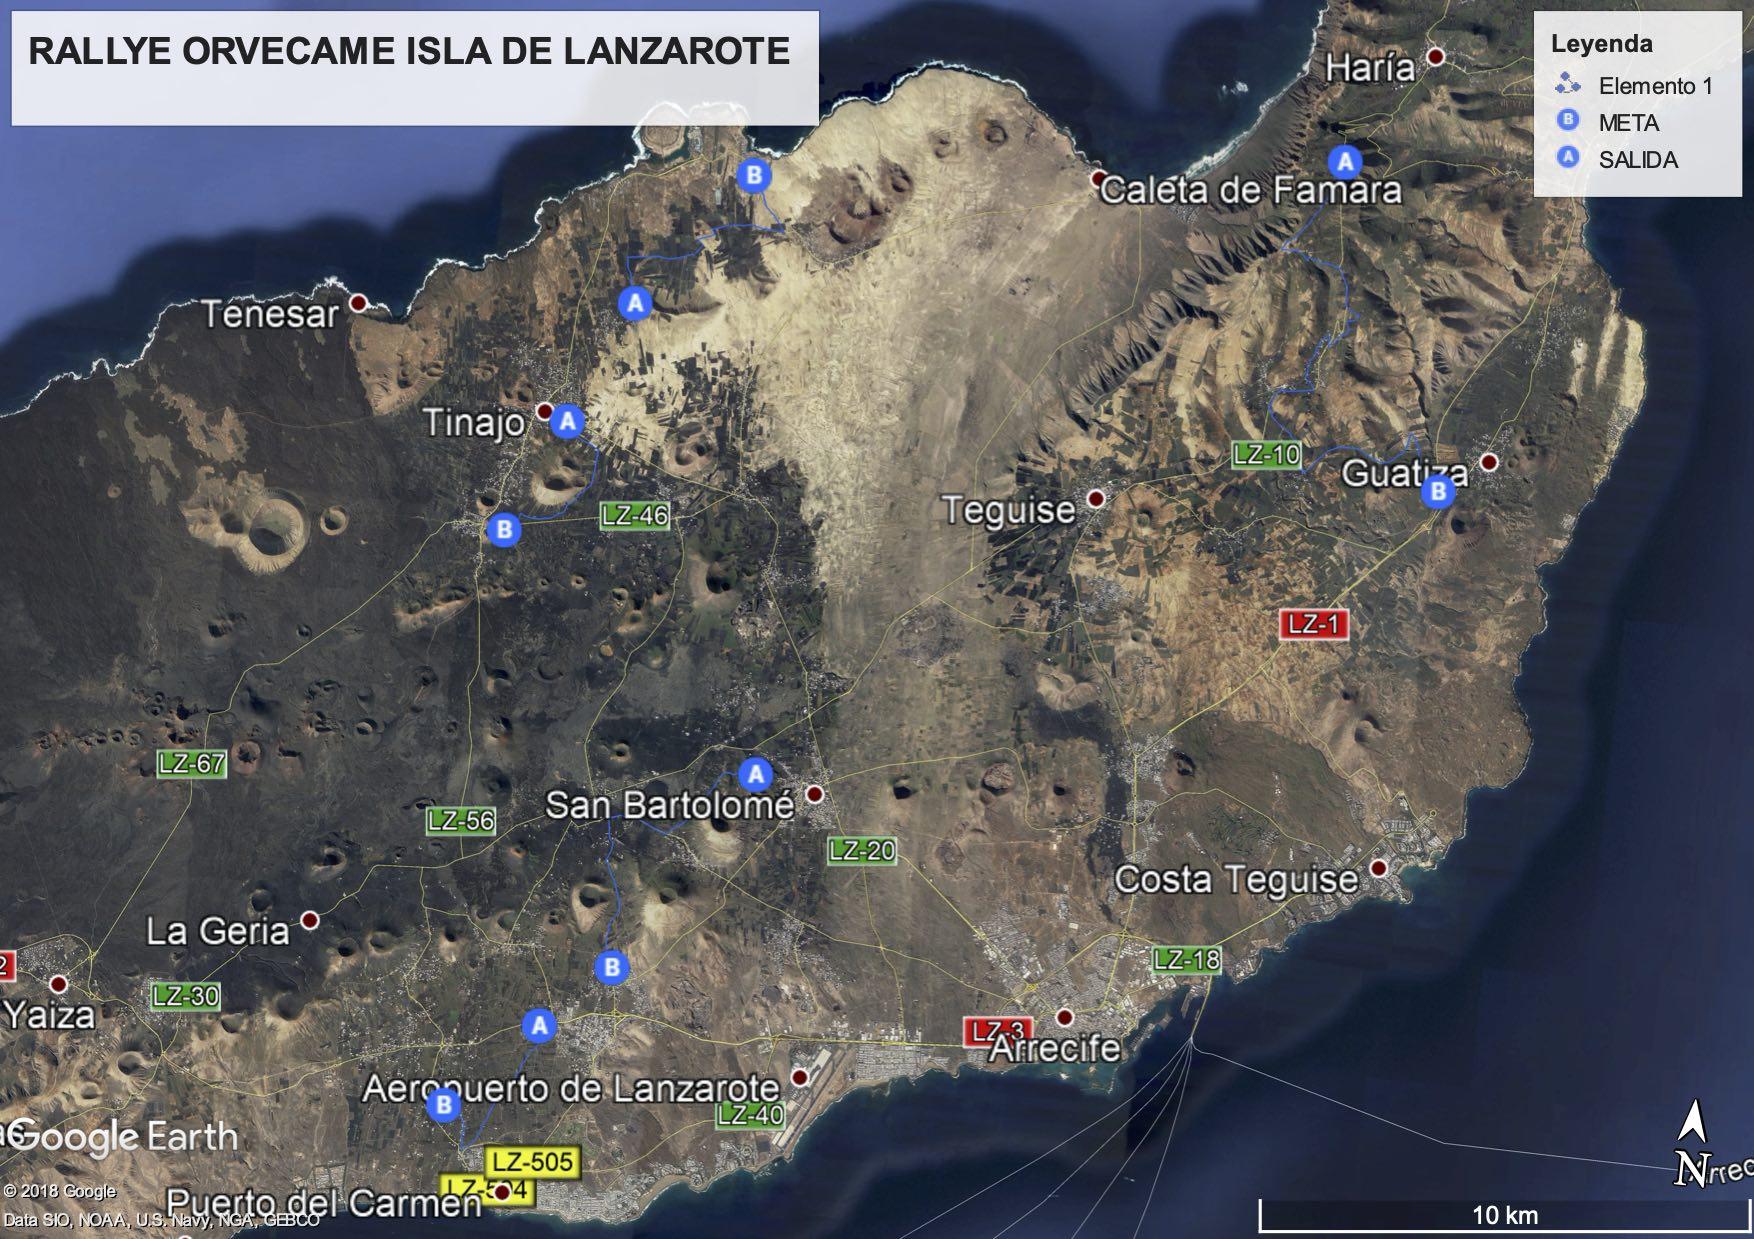 Isla De Lanzarote Mapa.Mapa Tramos Y Horarios Del Rallye Orvecame Isla De